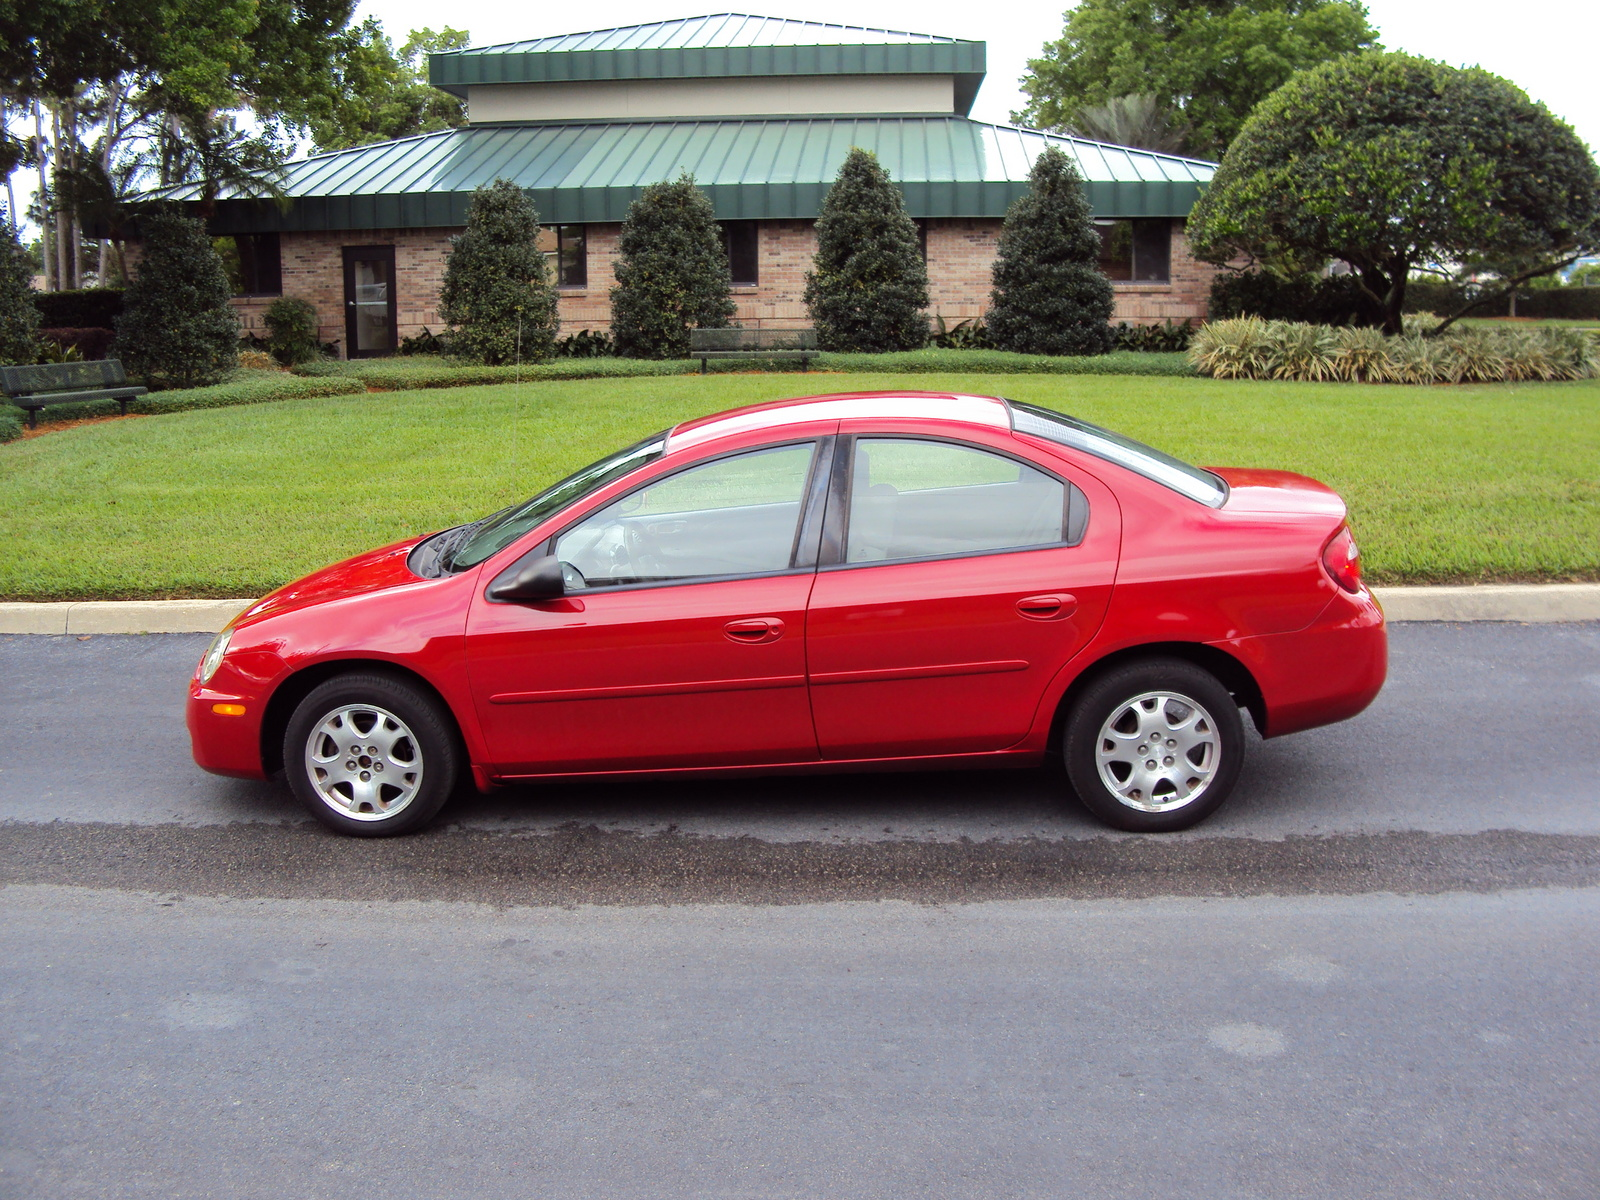 2003 Dodge Neon Pictures Cargurus